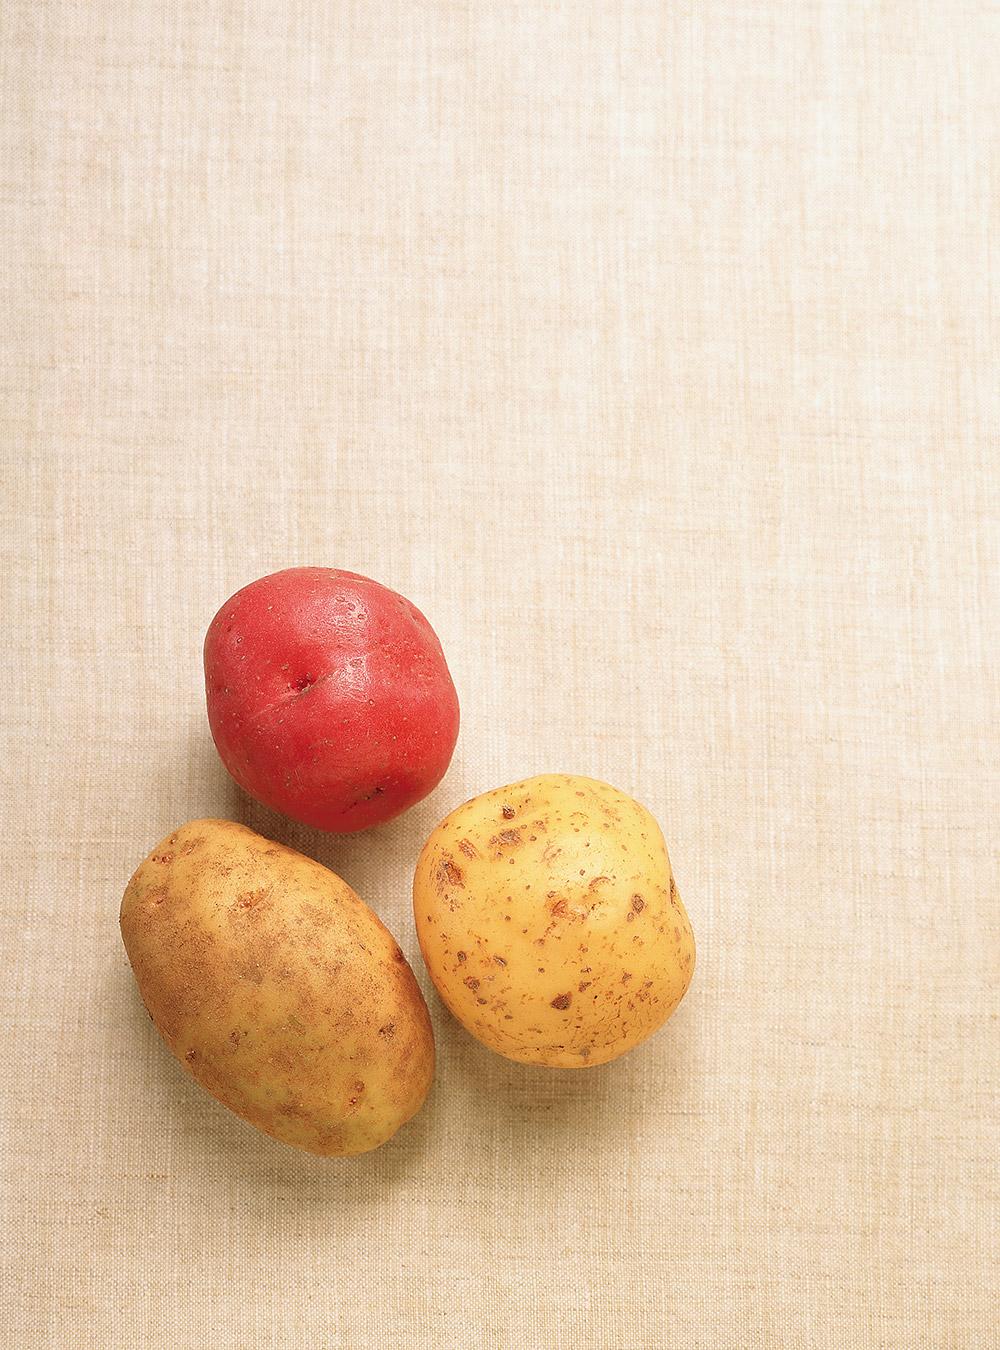 Papillotes de pommes de terre et d'oignons | ricardo